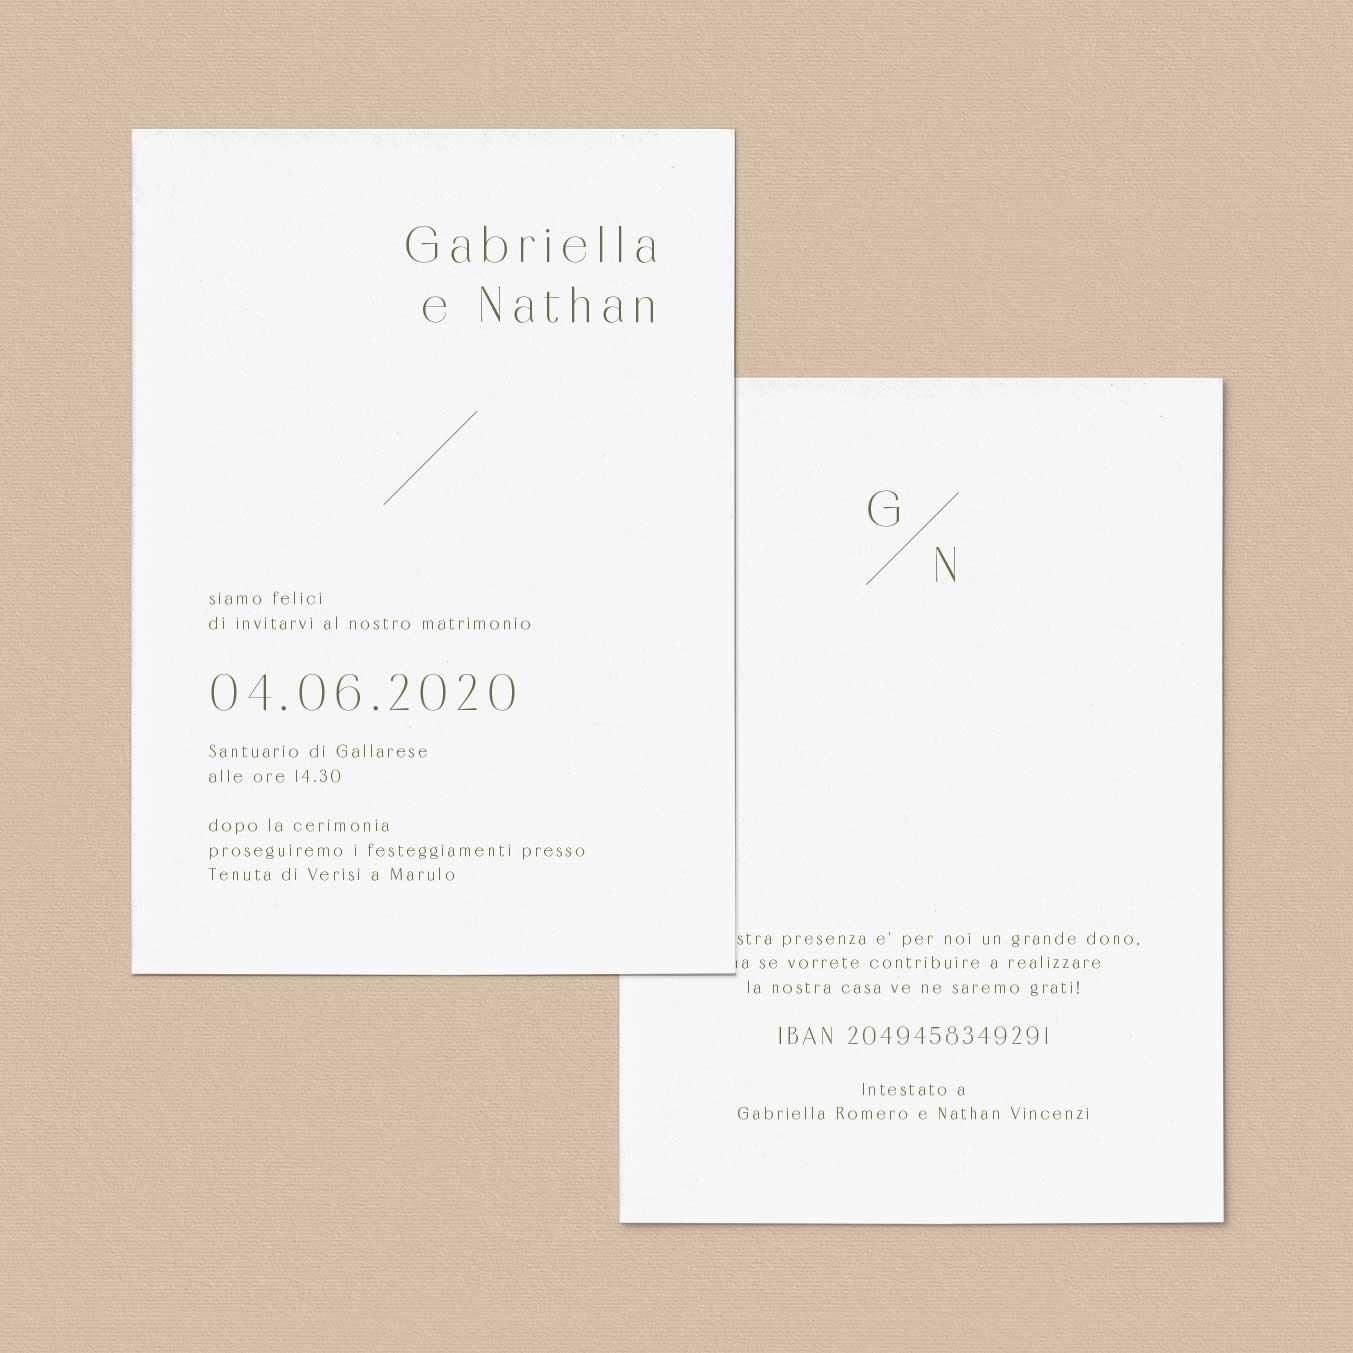 Inviti-Partecipazioni-Matrimonio-nozze-wedding-line-linea-moderne-semplici-essenziali-impaginazione-idee-geometric-modelli-catalogo-eleganti